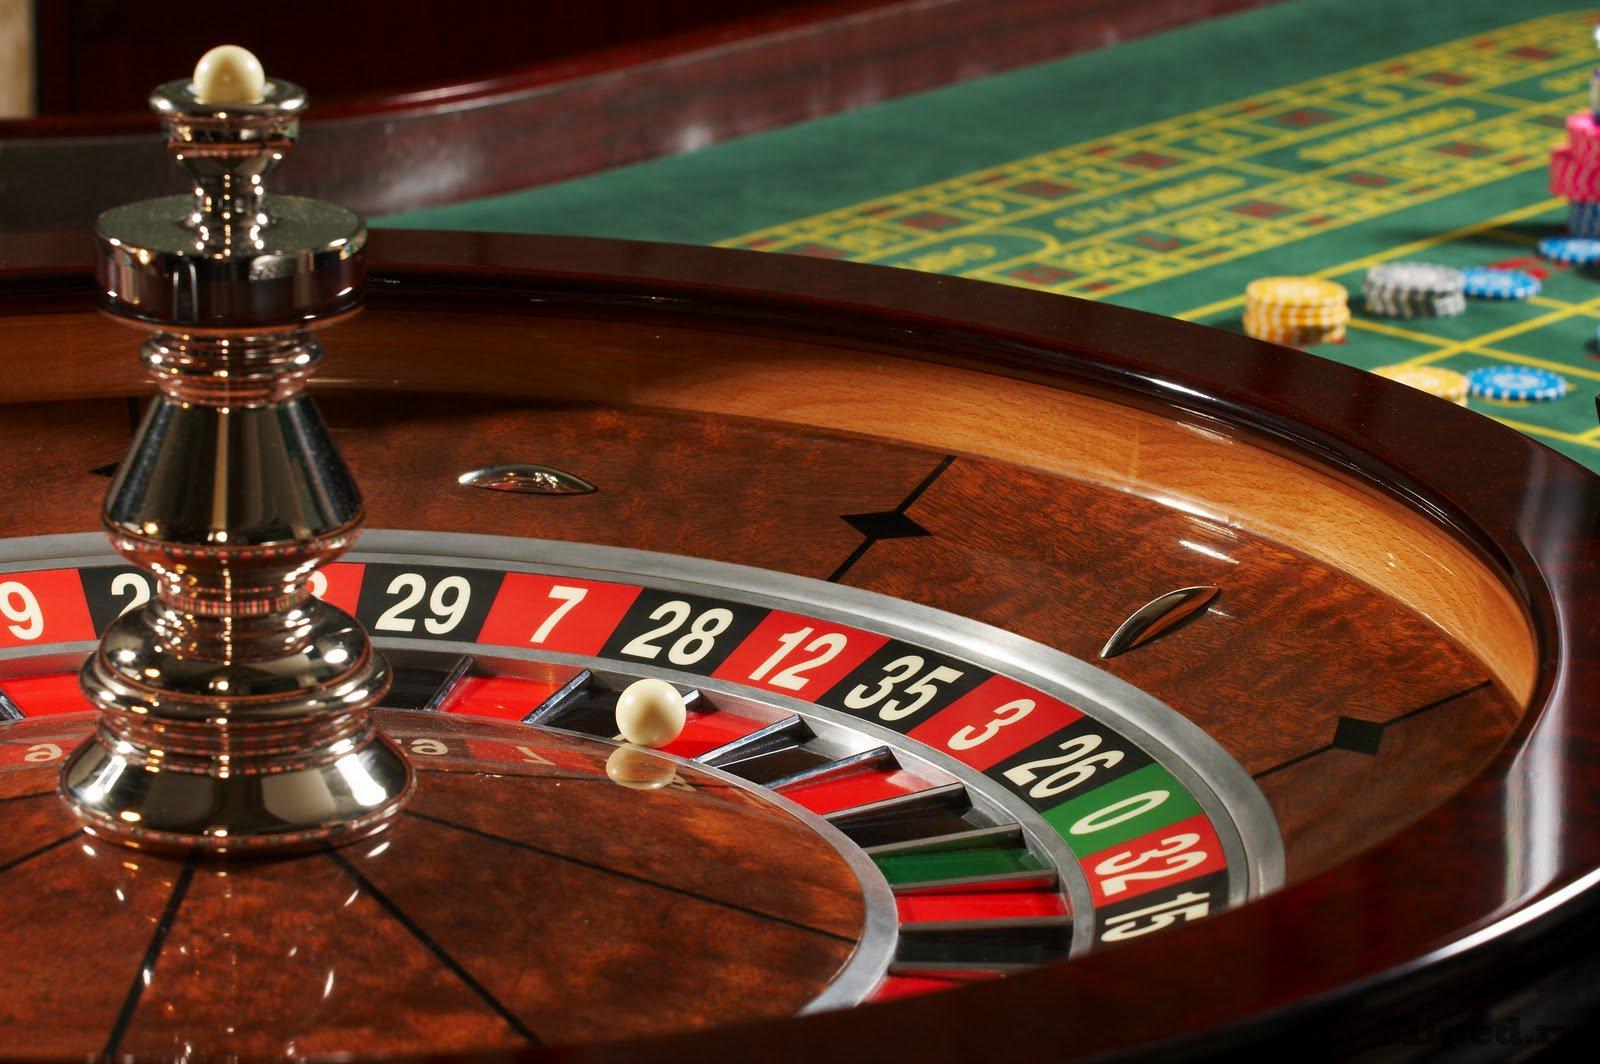 официальный сайт онлайн игры казино рулетка